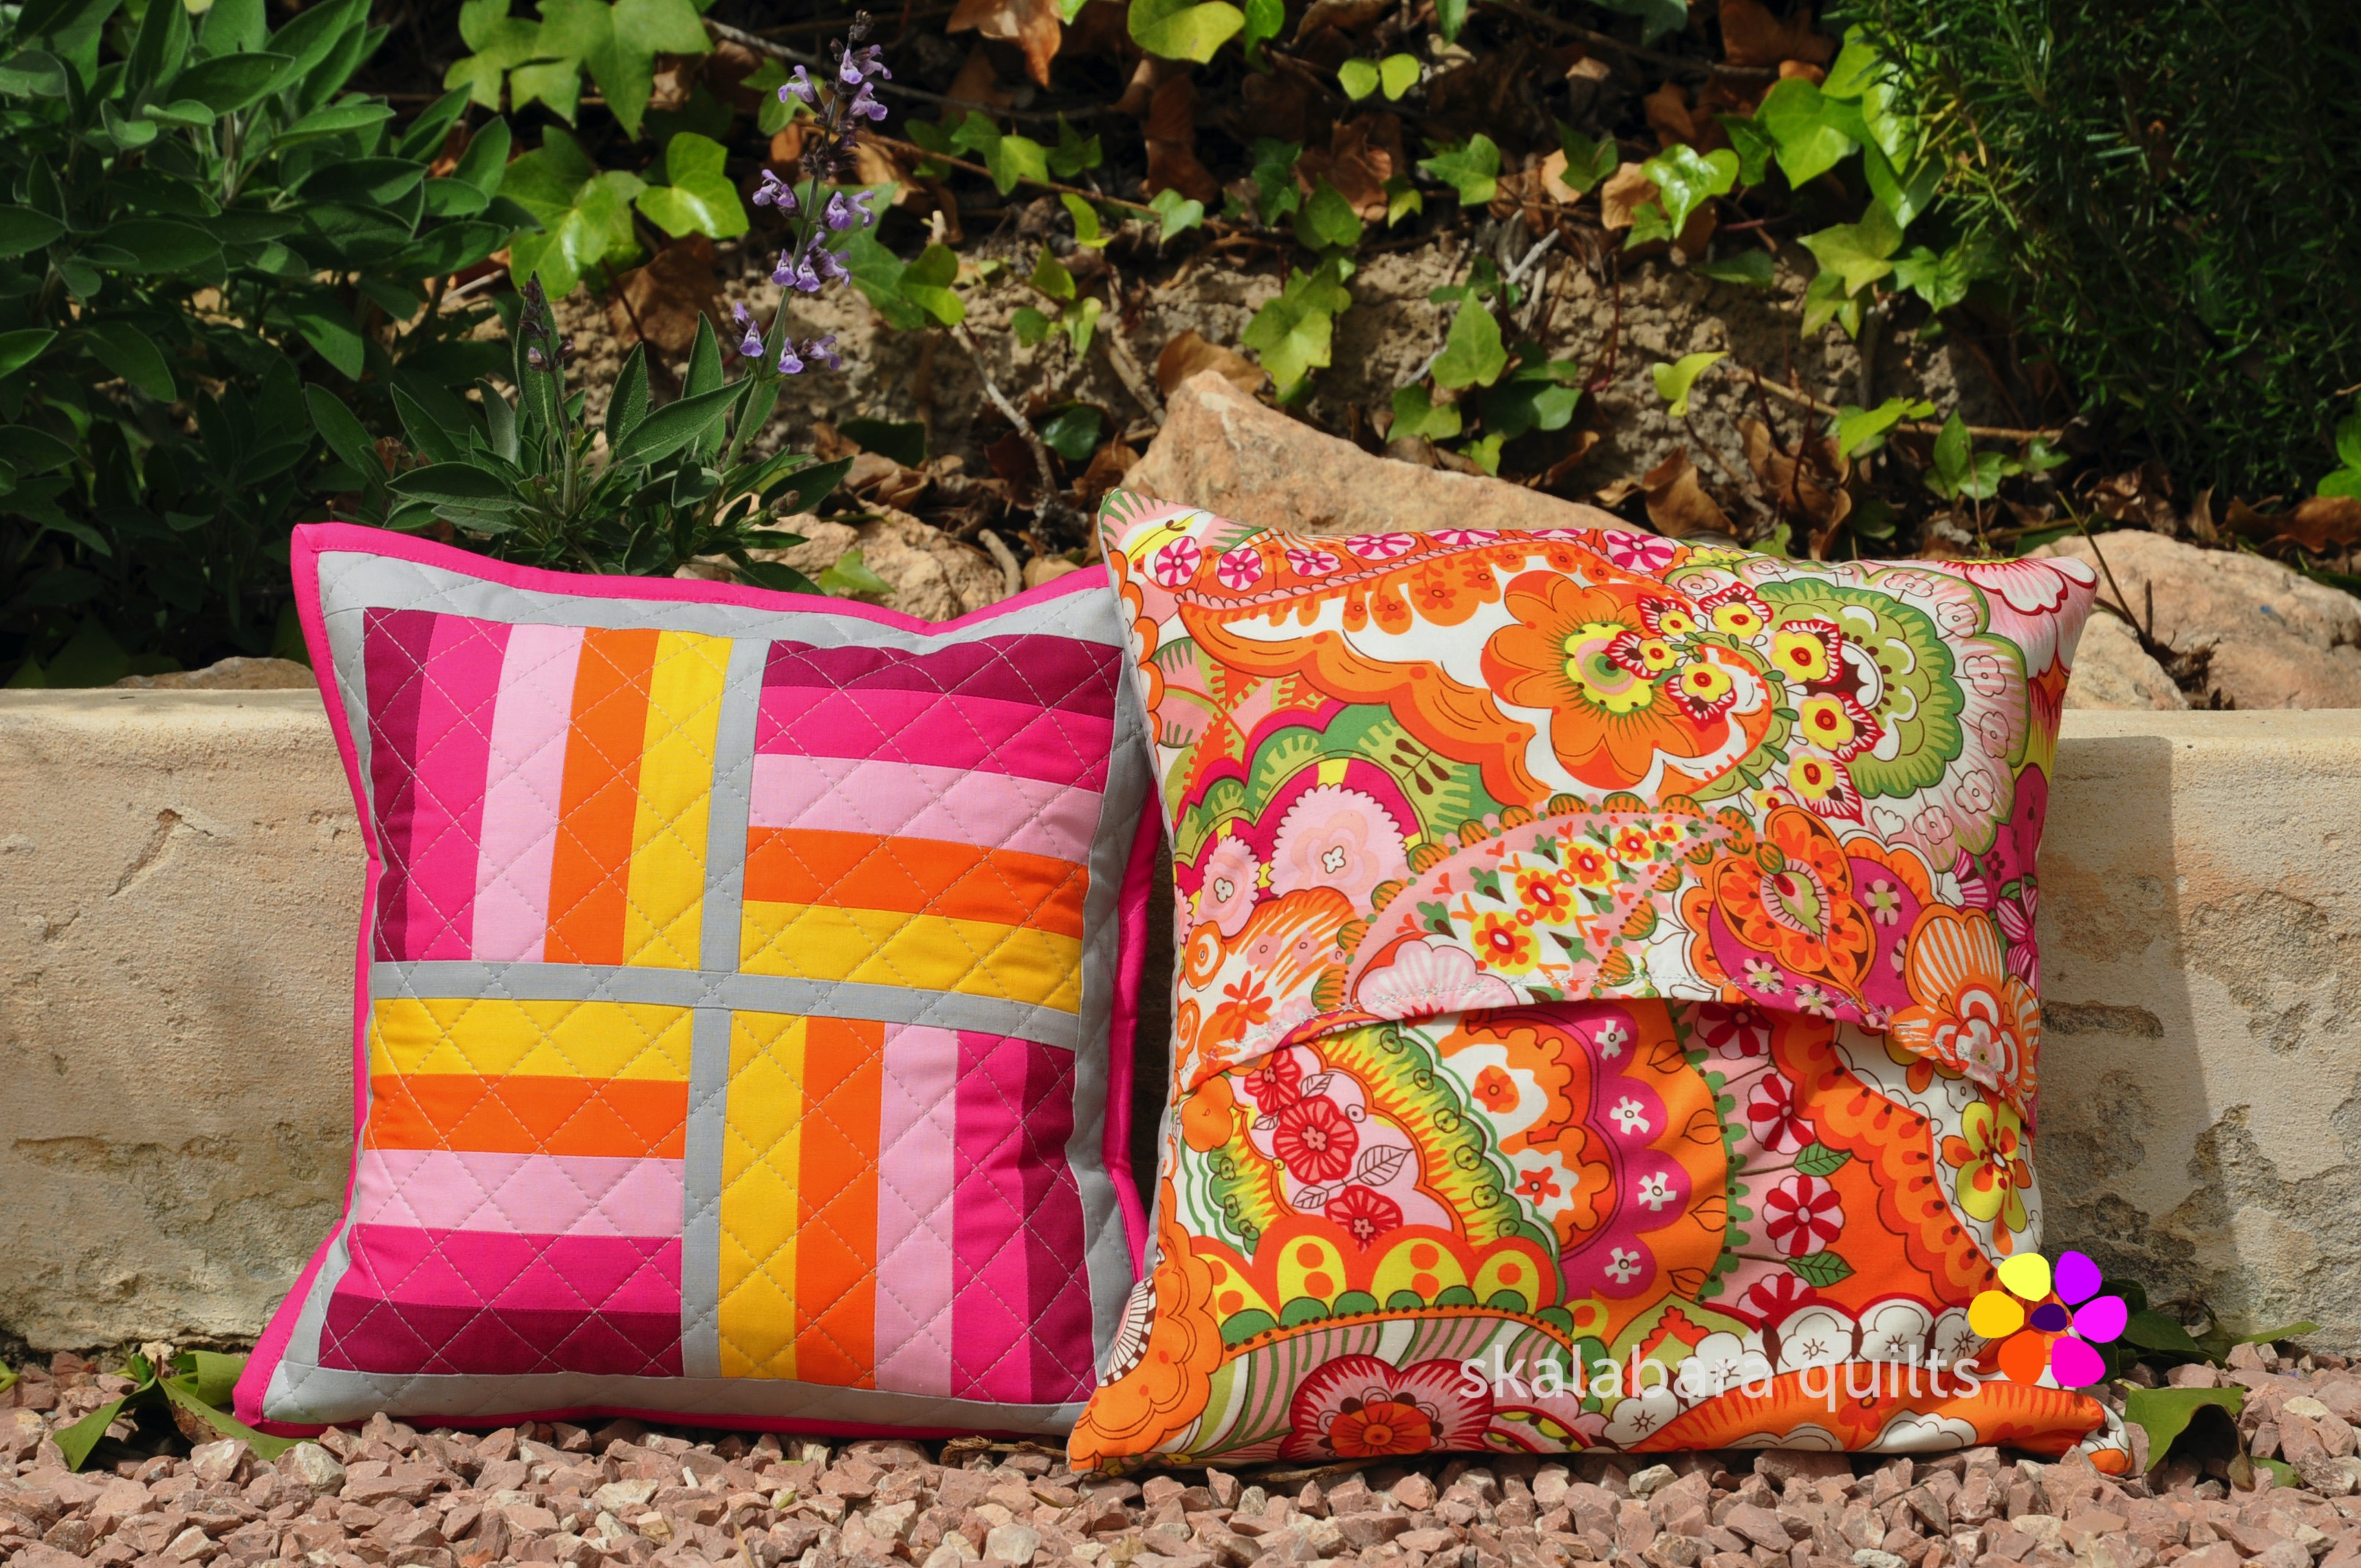 april pinkie cushions backing 2 - skalabara quilts